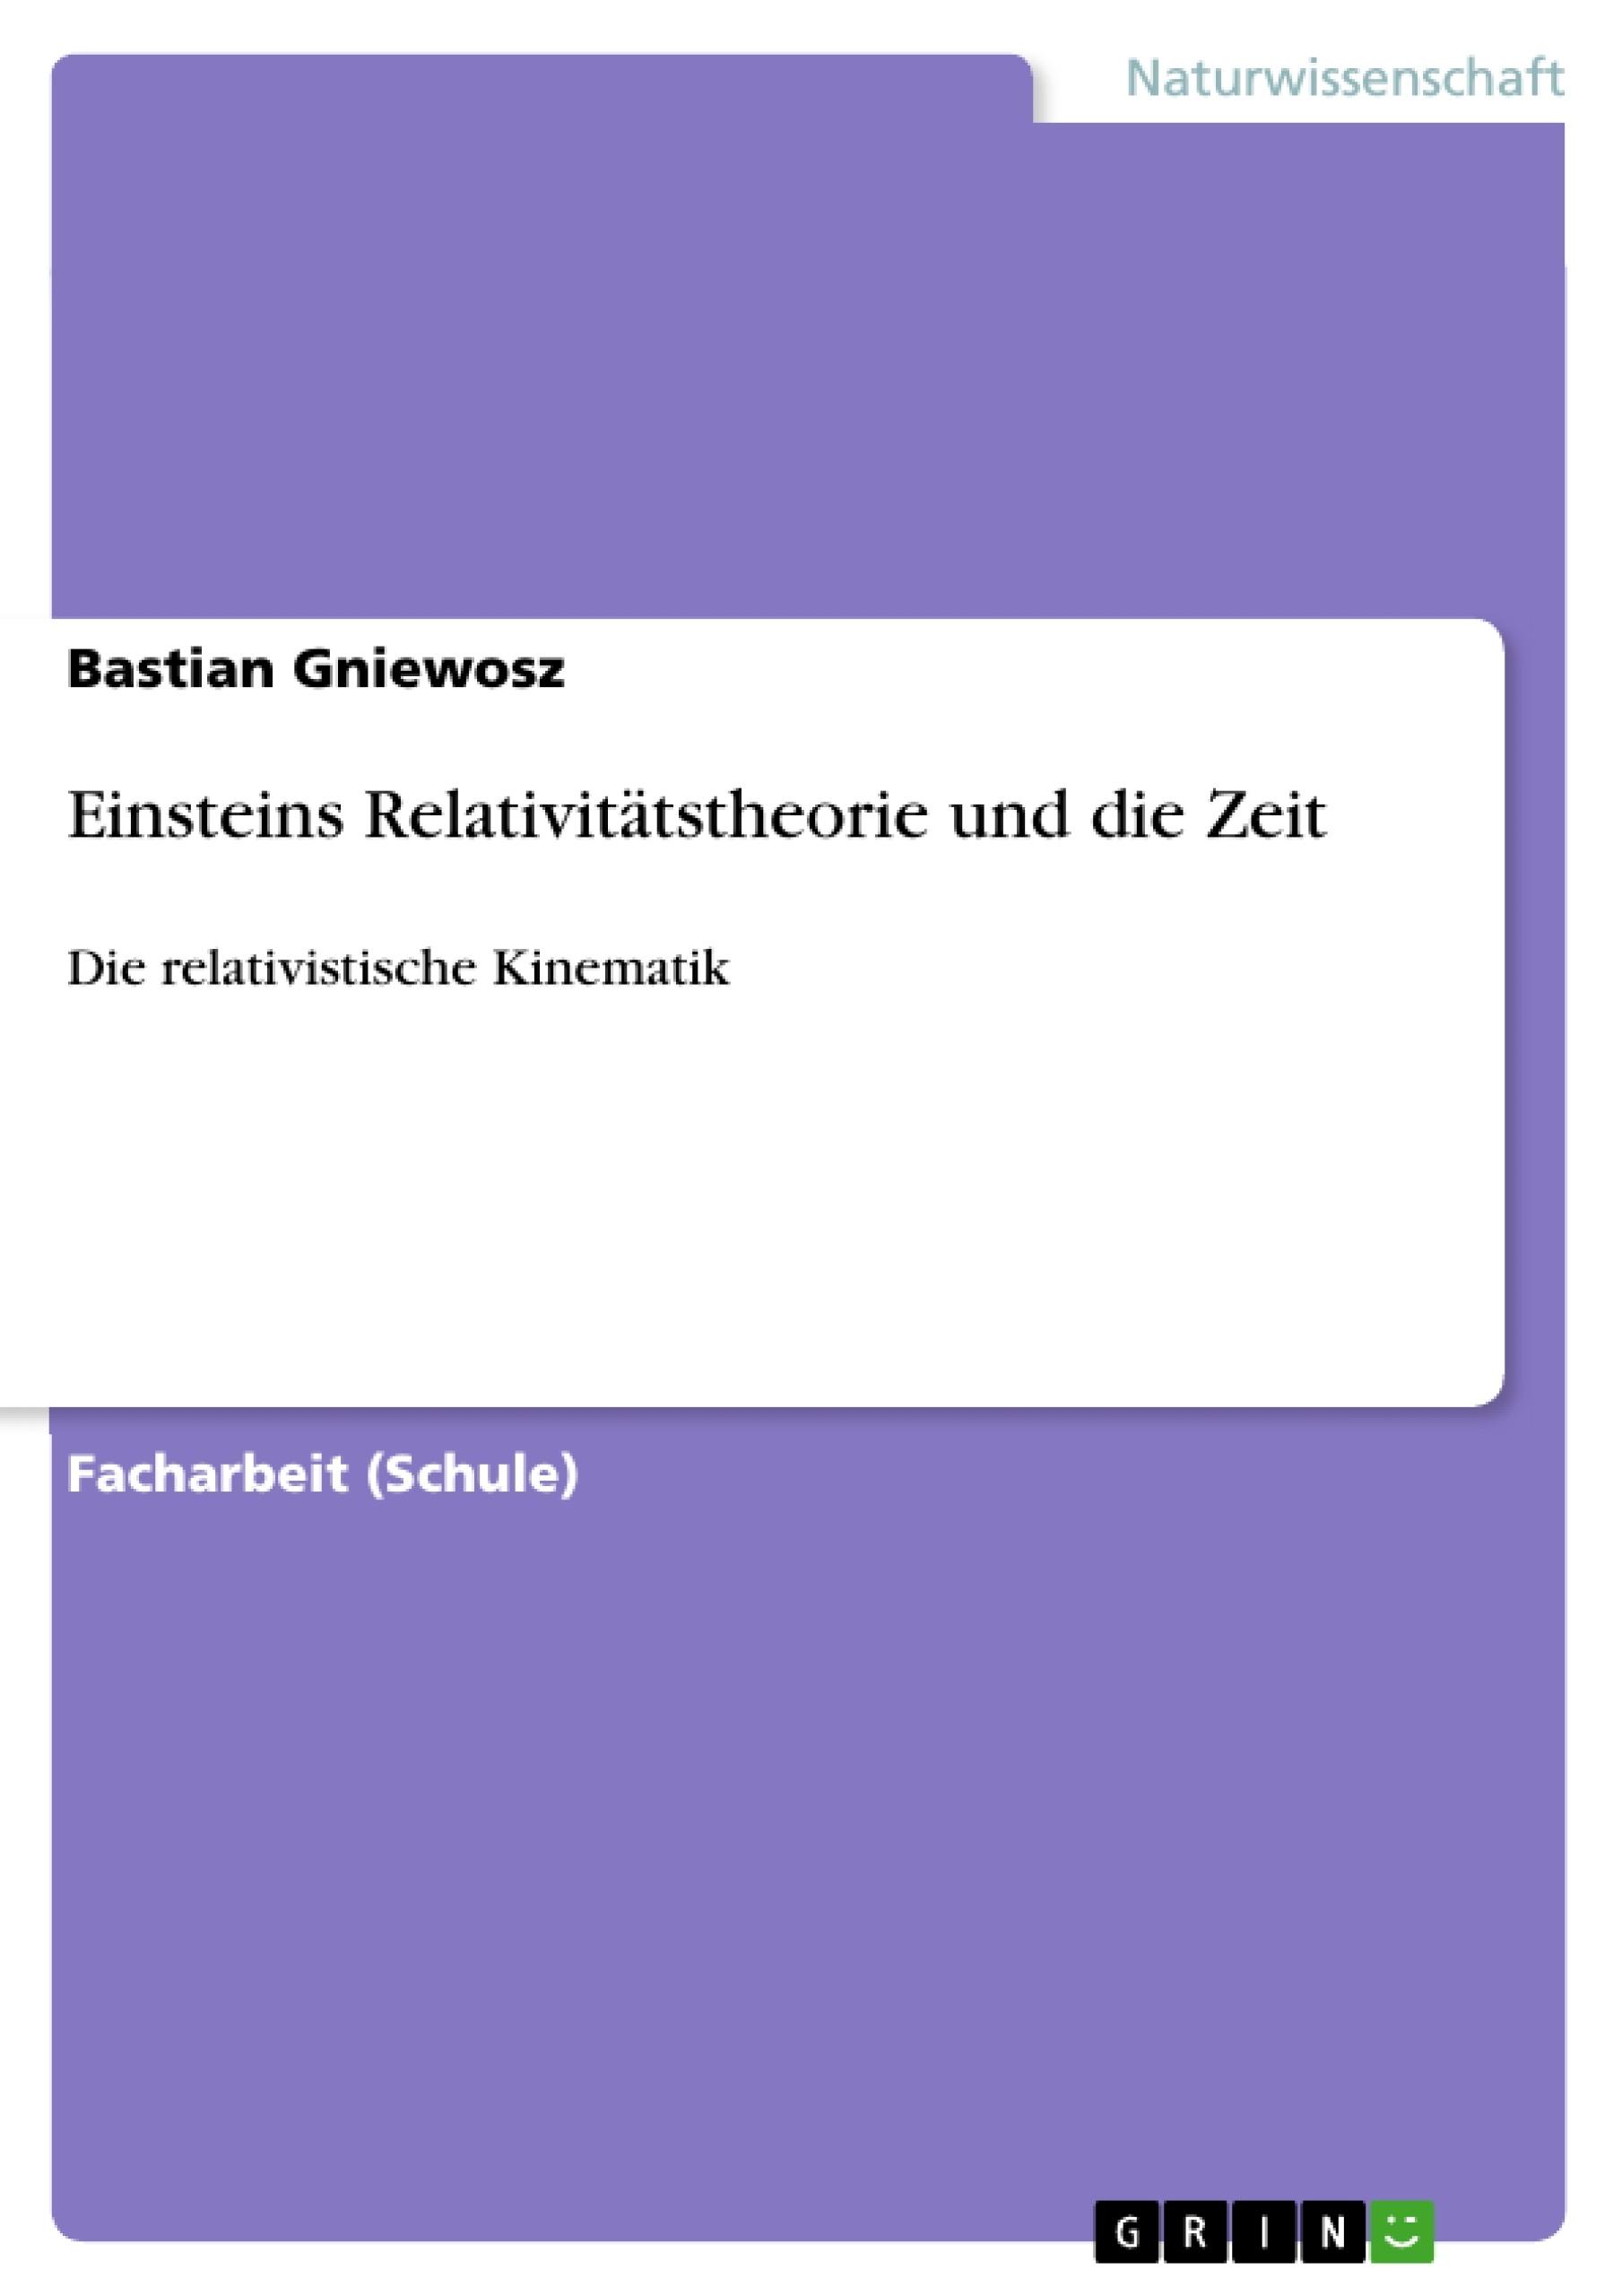 Titel: Einsteins Relativitätstheorie und die Zeit